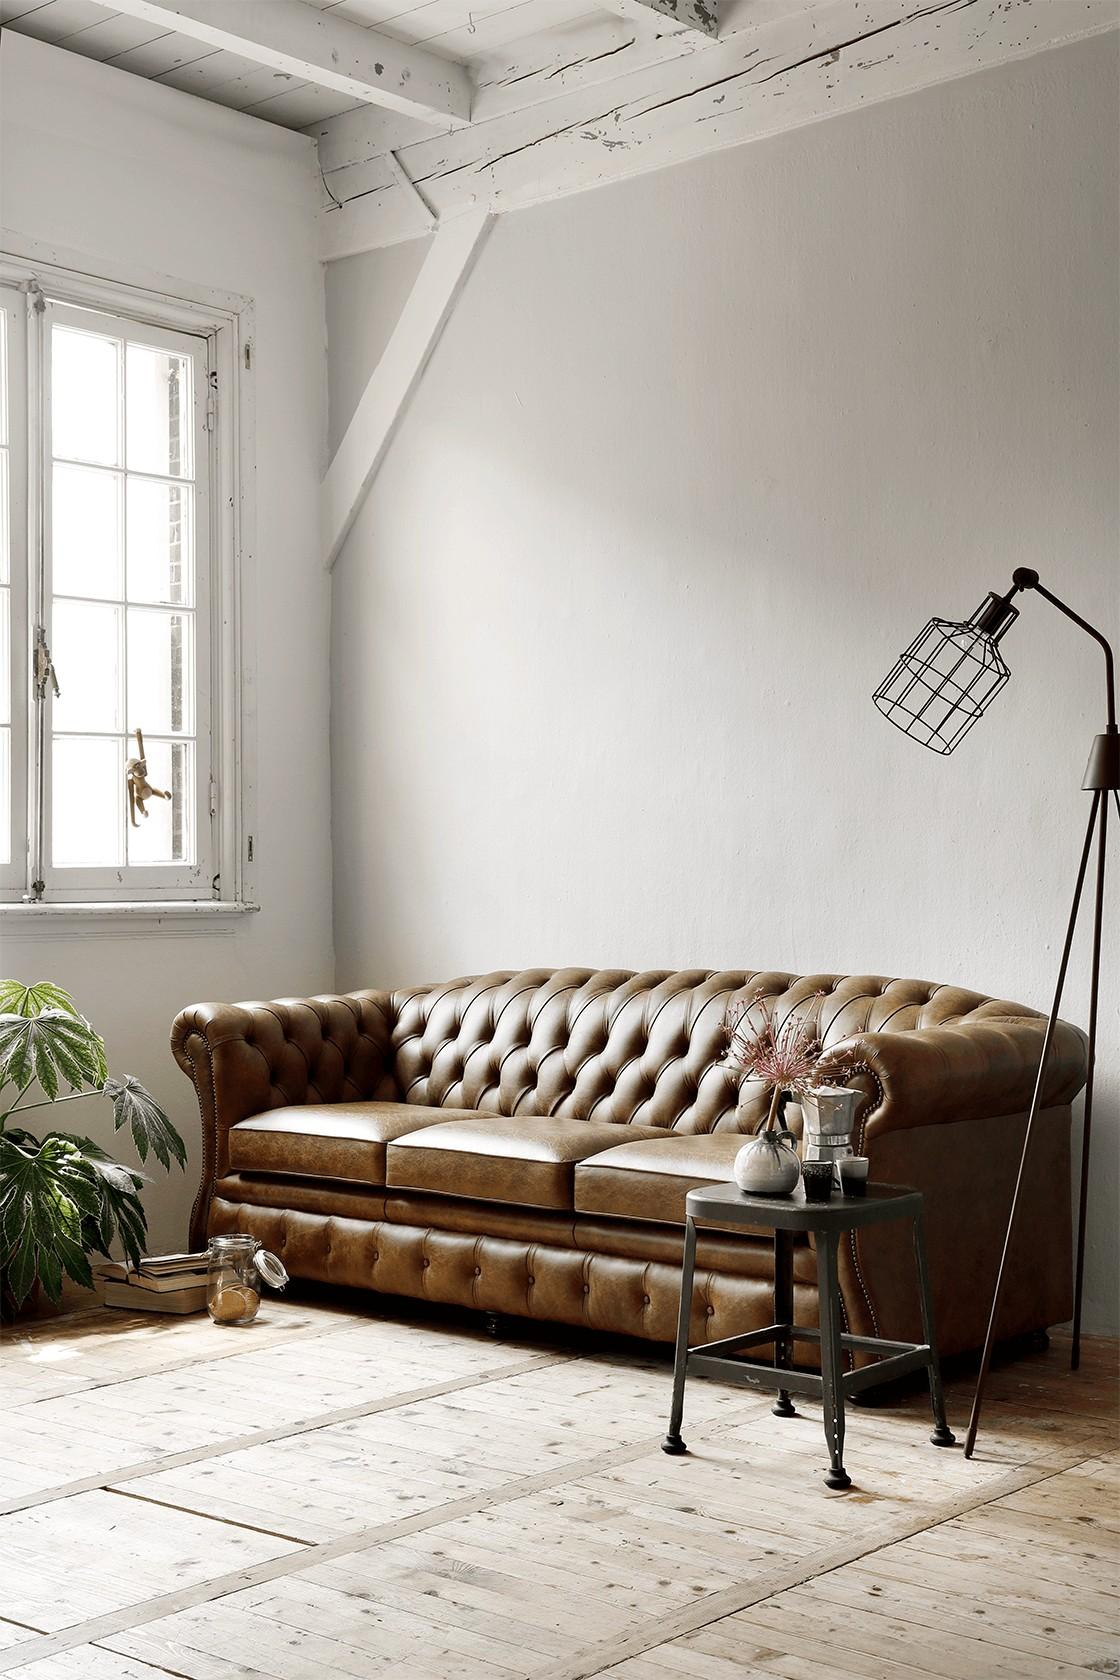 Fabulous Geef je interieur een stijlvolle en tijdloze look met een #NP38